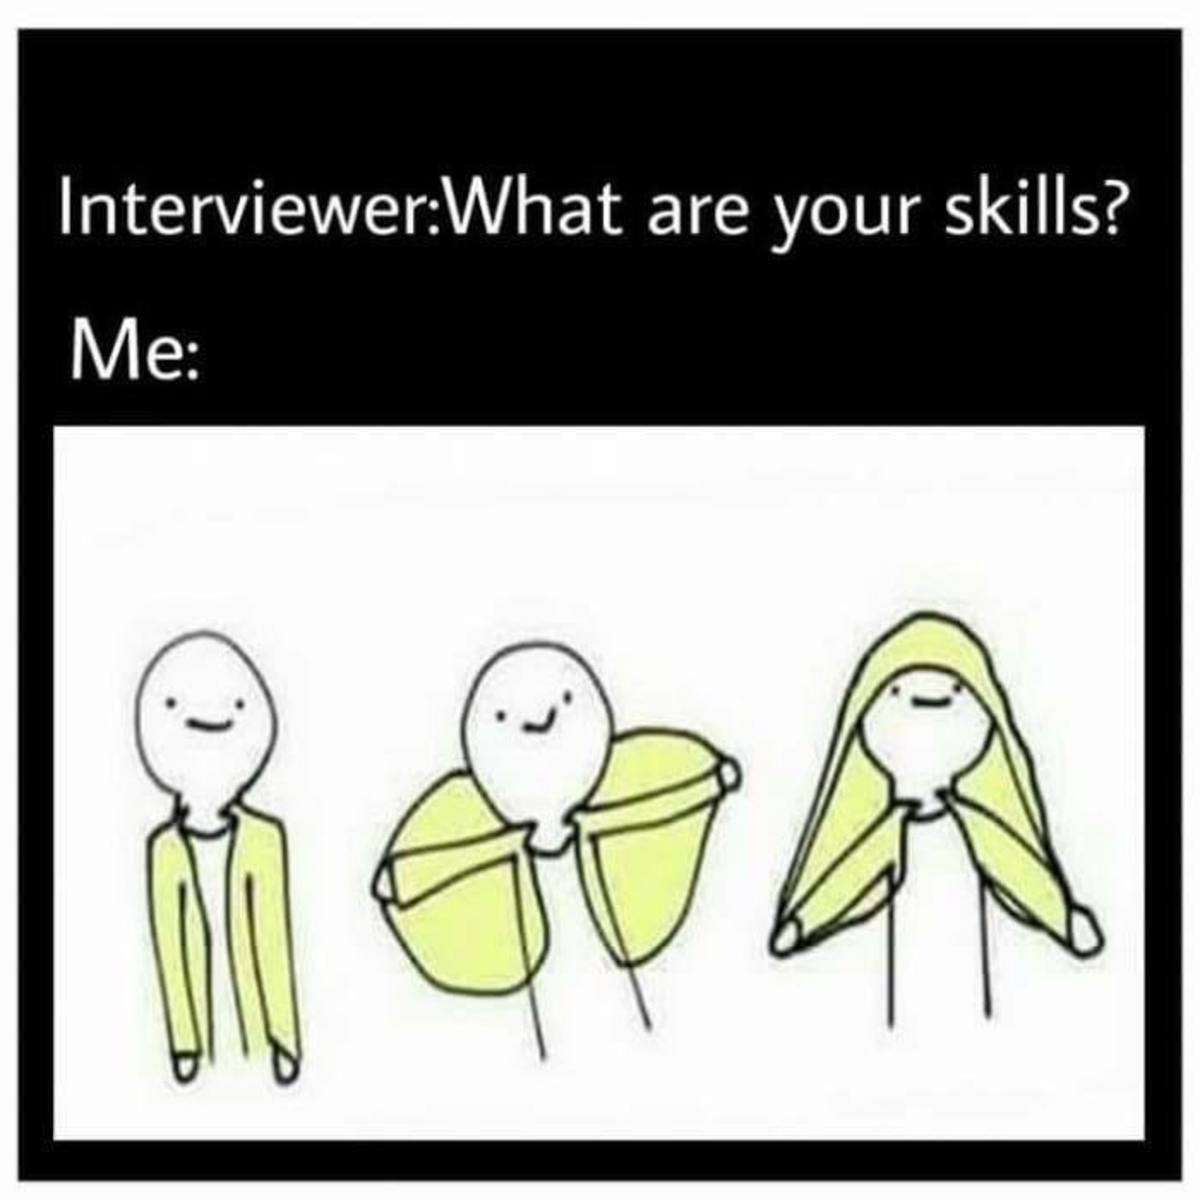 Skills. .. Retarded snowflake isnt a valid skill. Skills Retarded snowflake isnt a valid skill